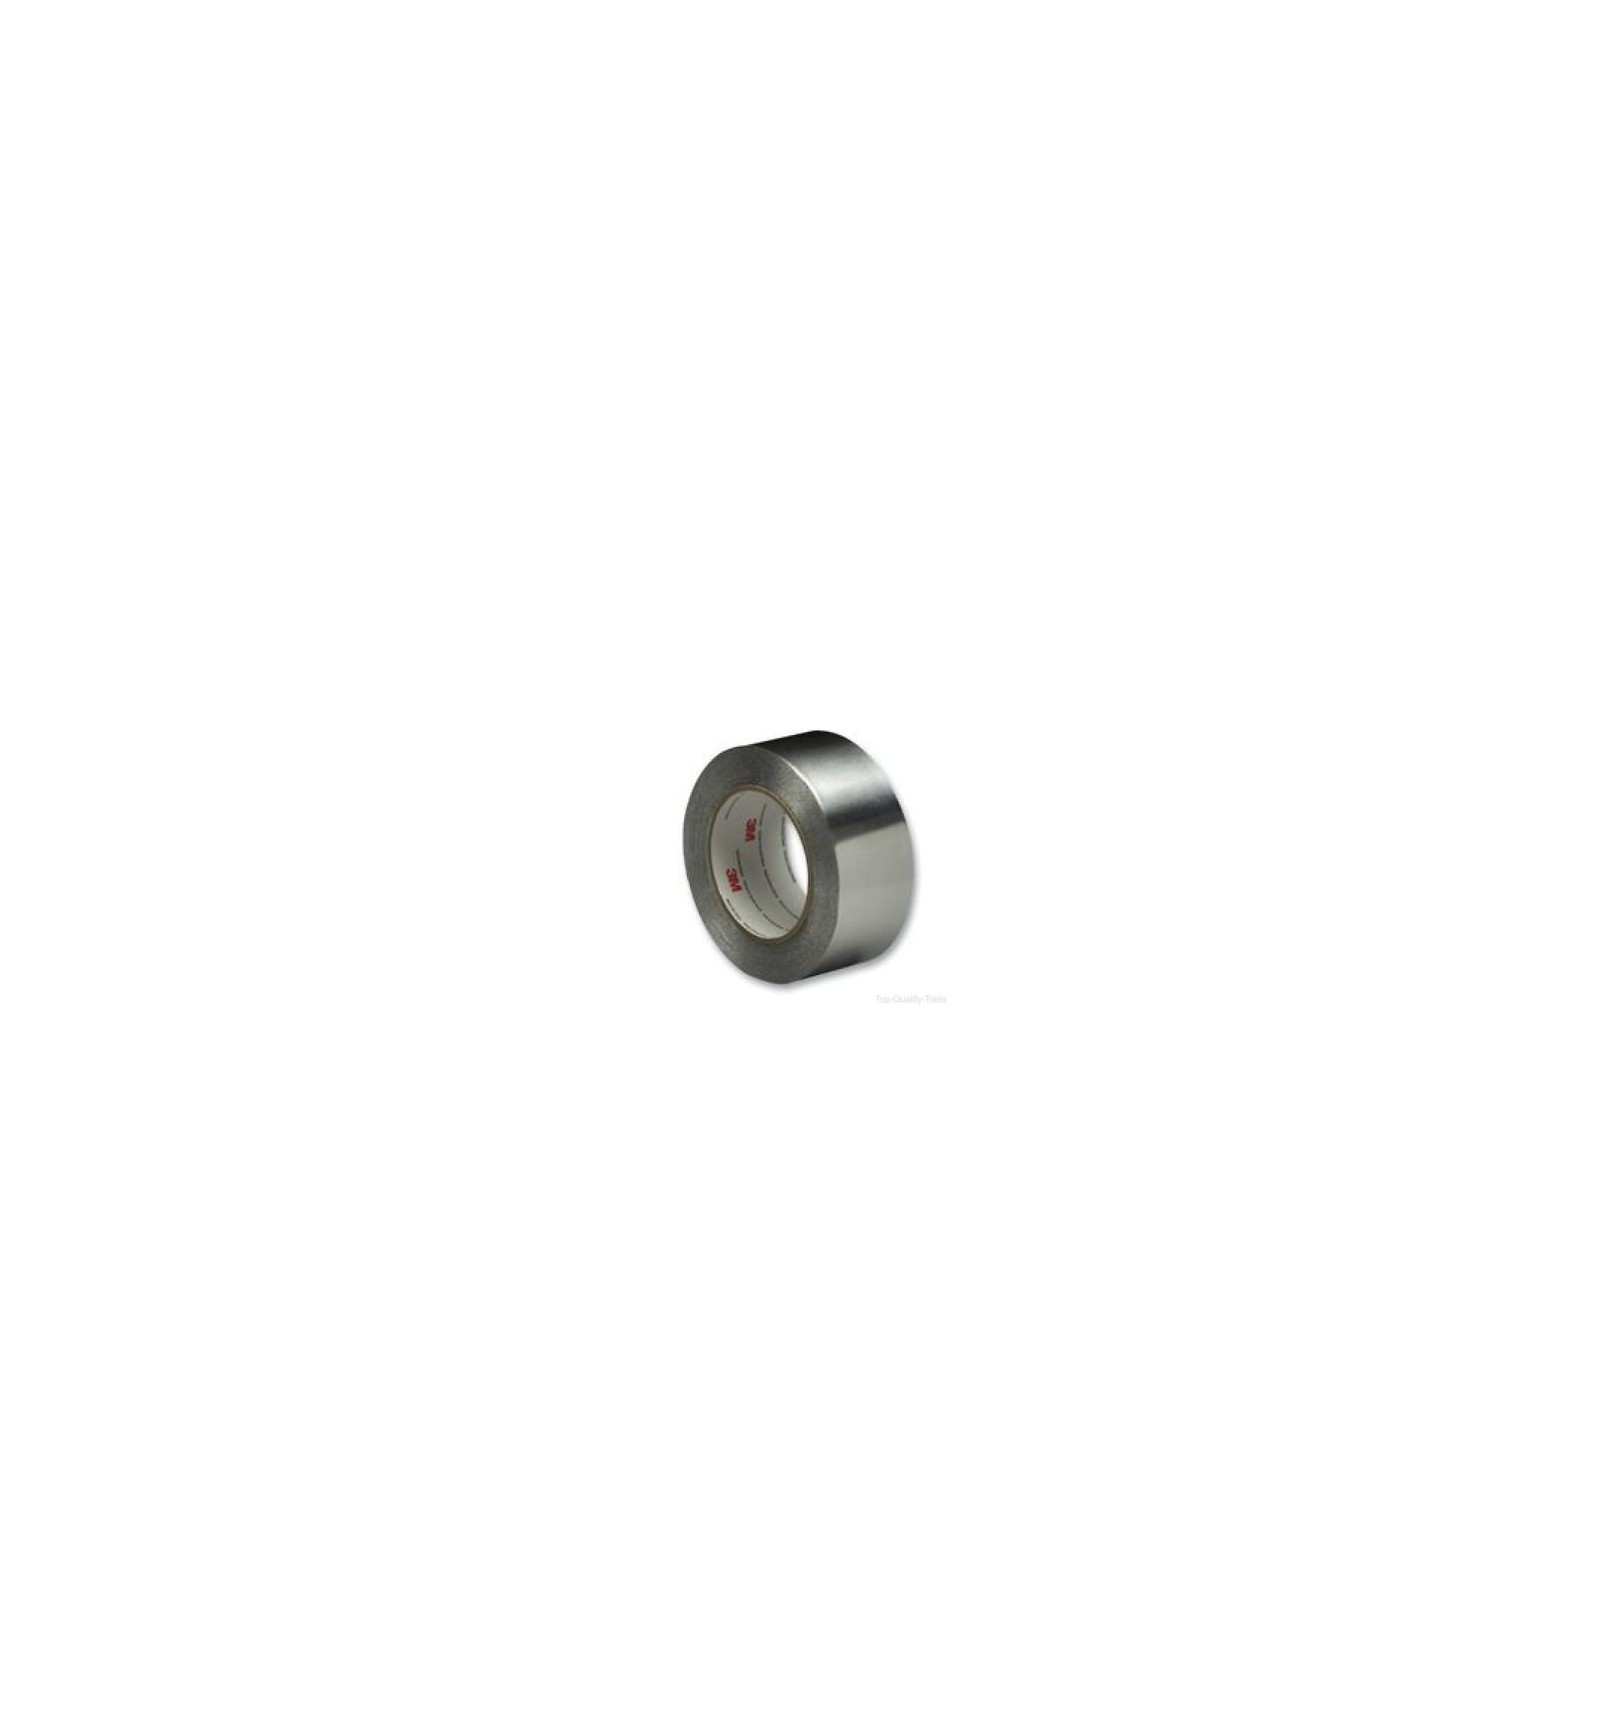 """45cm sägenspezi metal duro cadena HM 3//8/"""" 68tg 1,5mm compatible con ps6400 dolmar"""